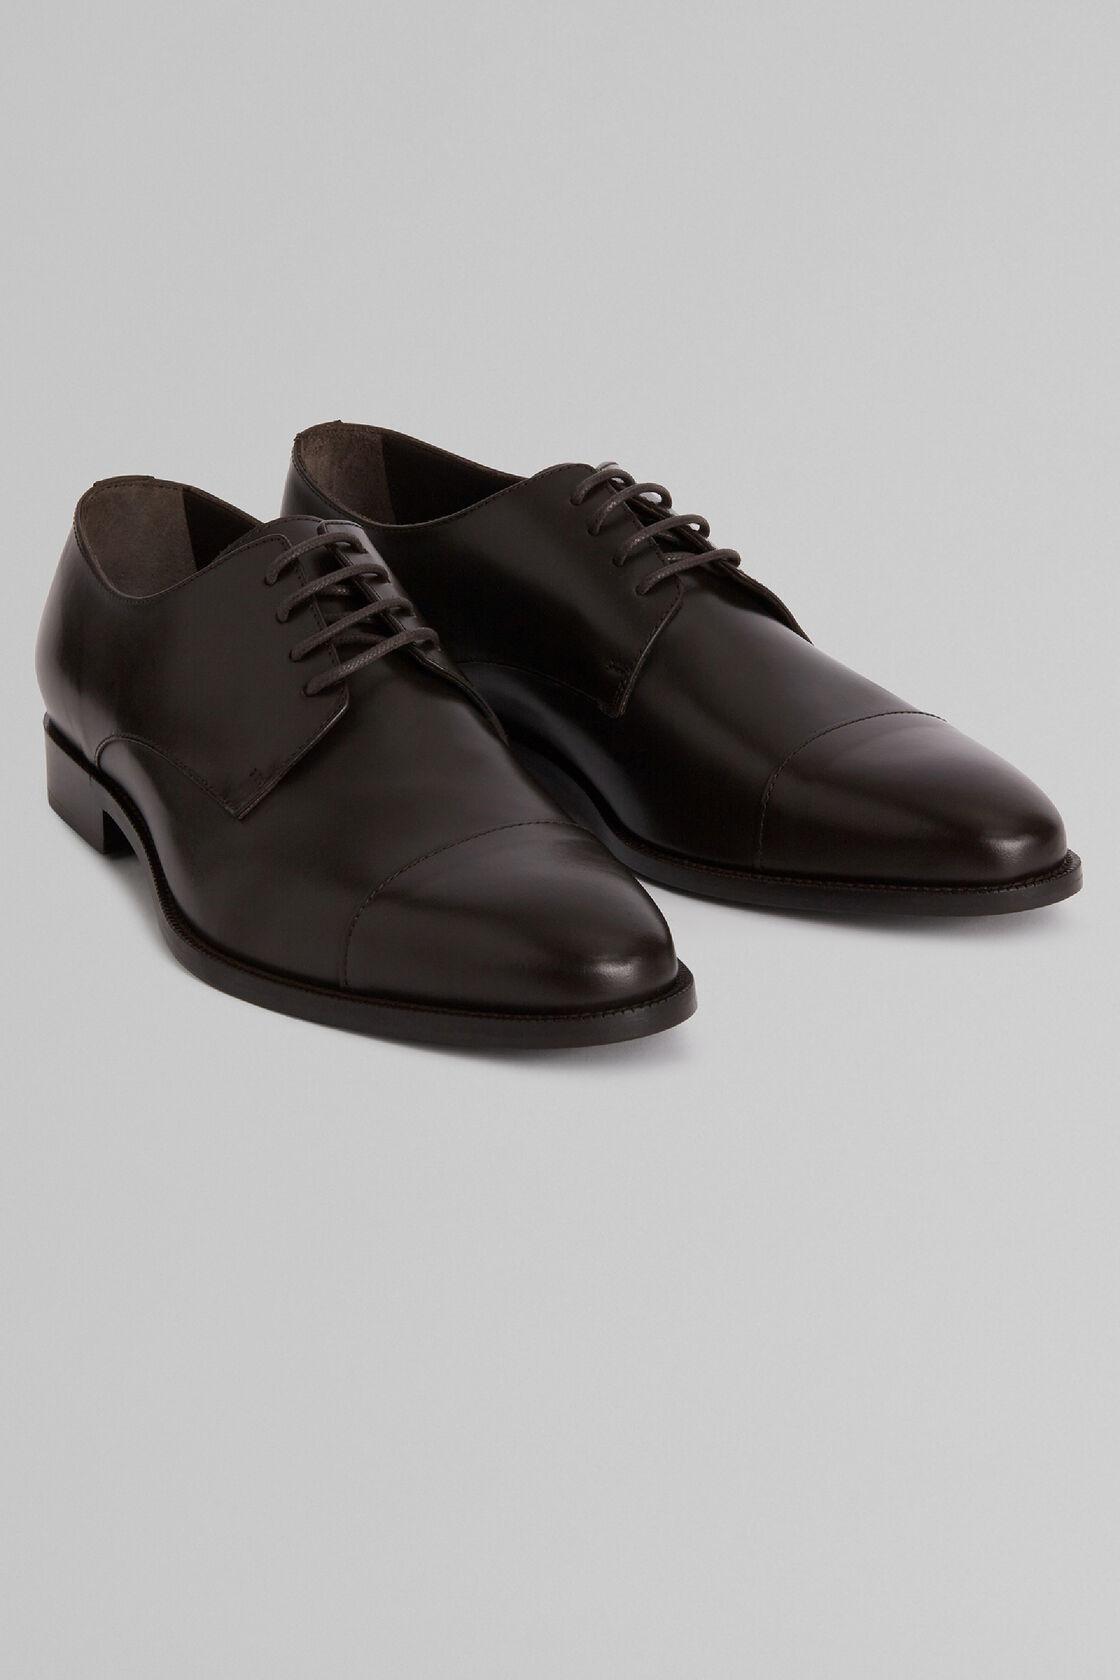 Derby-Schuh Aus Glattleder Mit Ledersohle, Dunkelbraun, hi-res